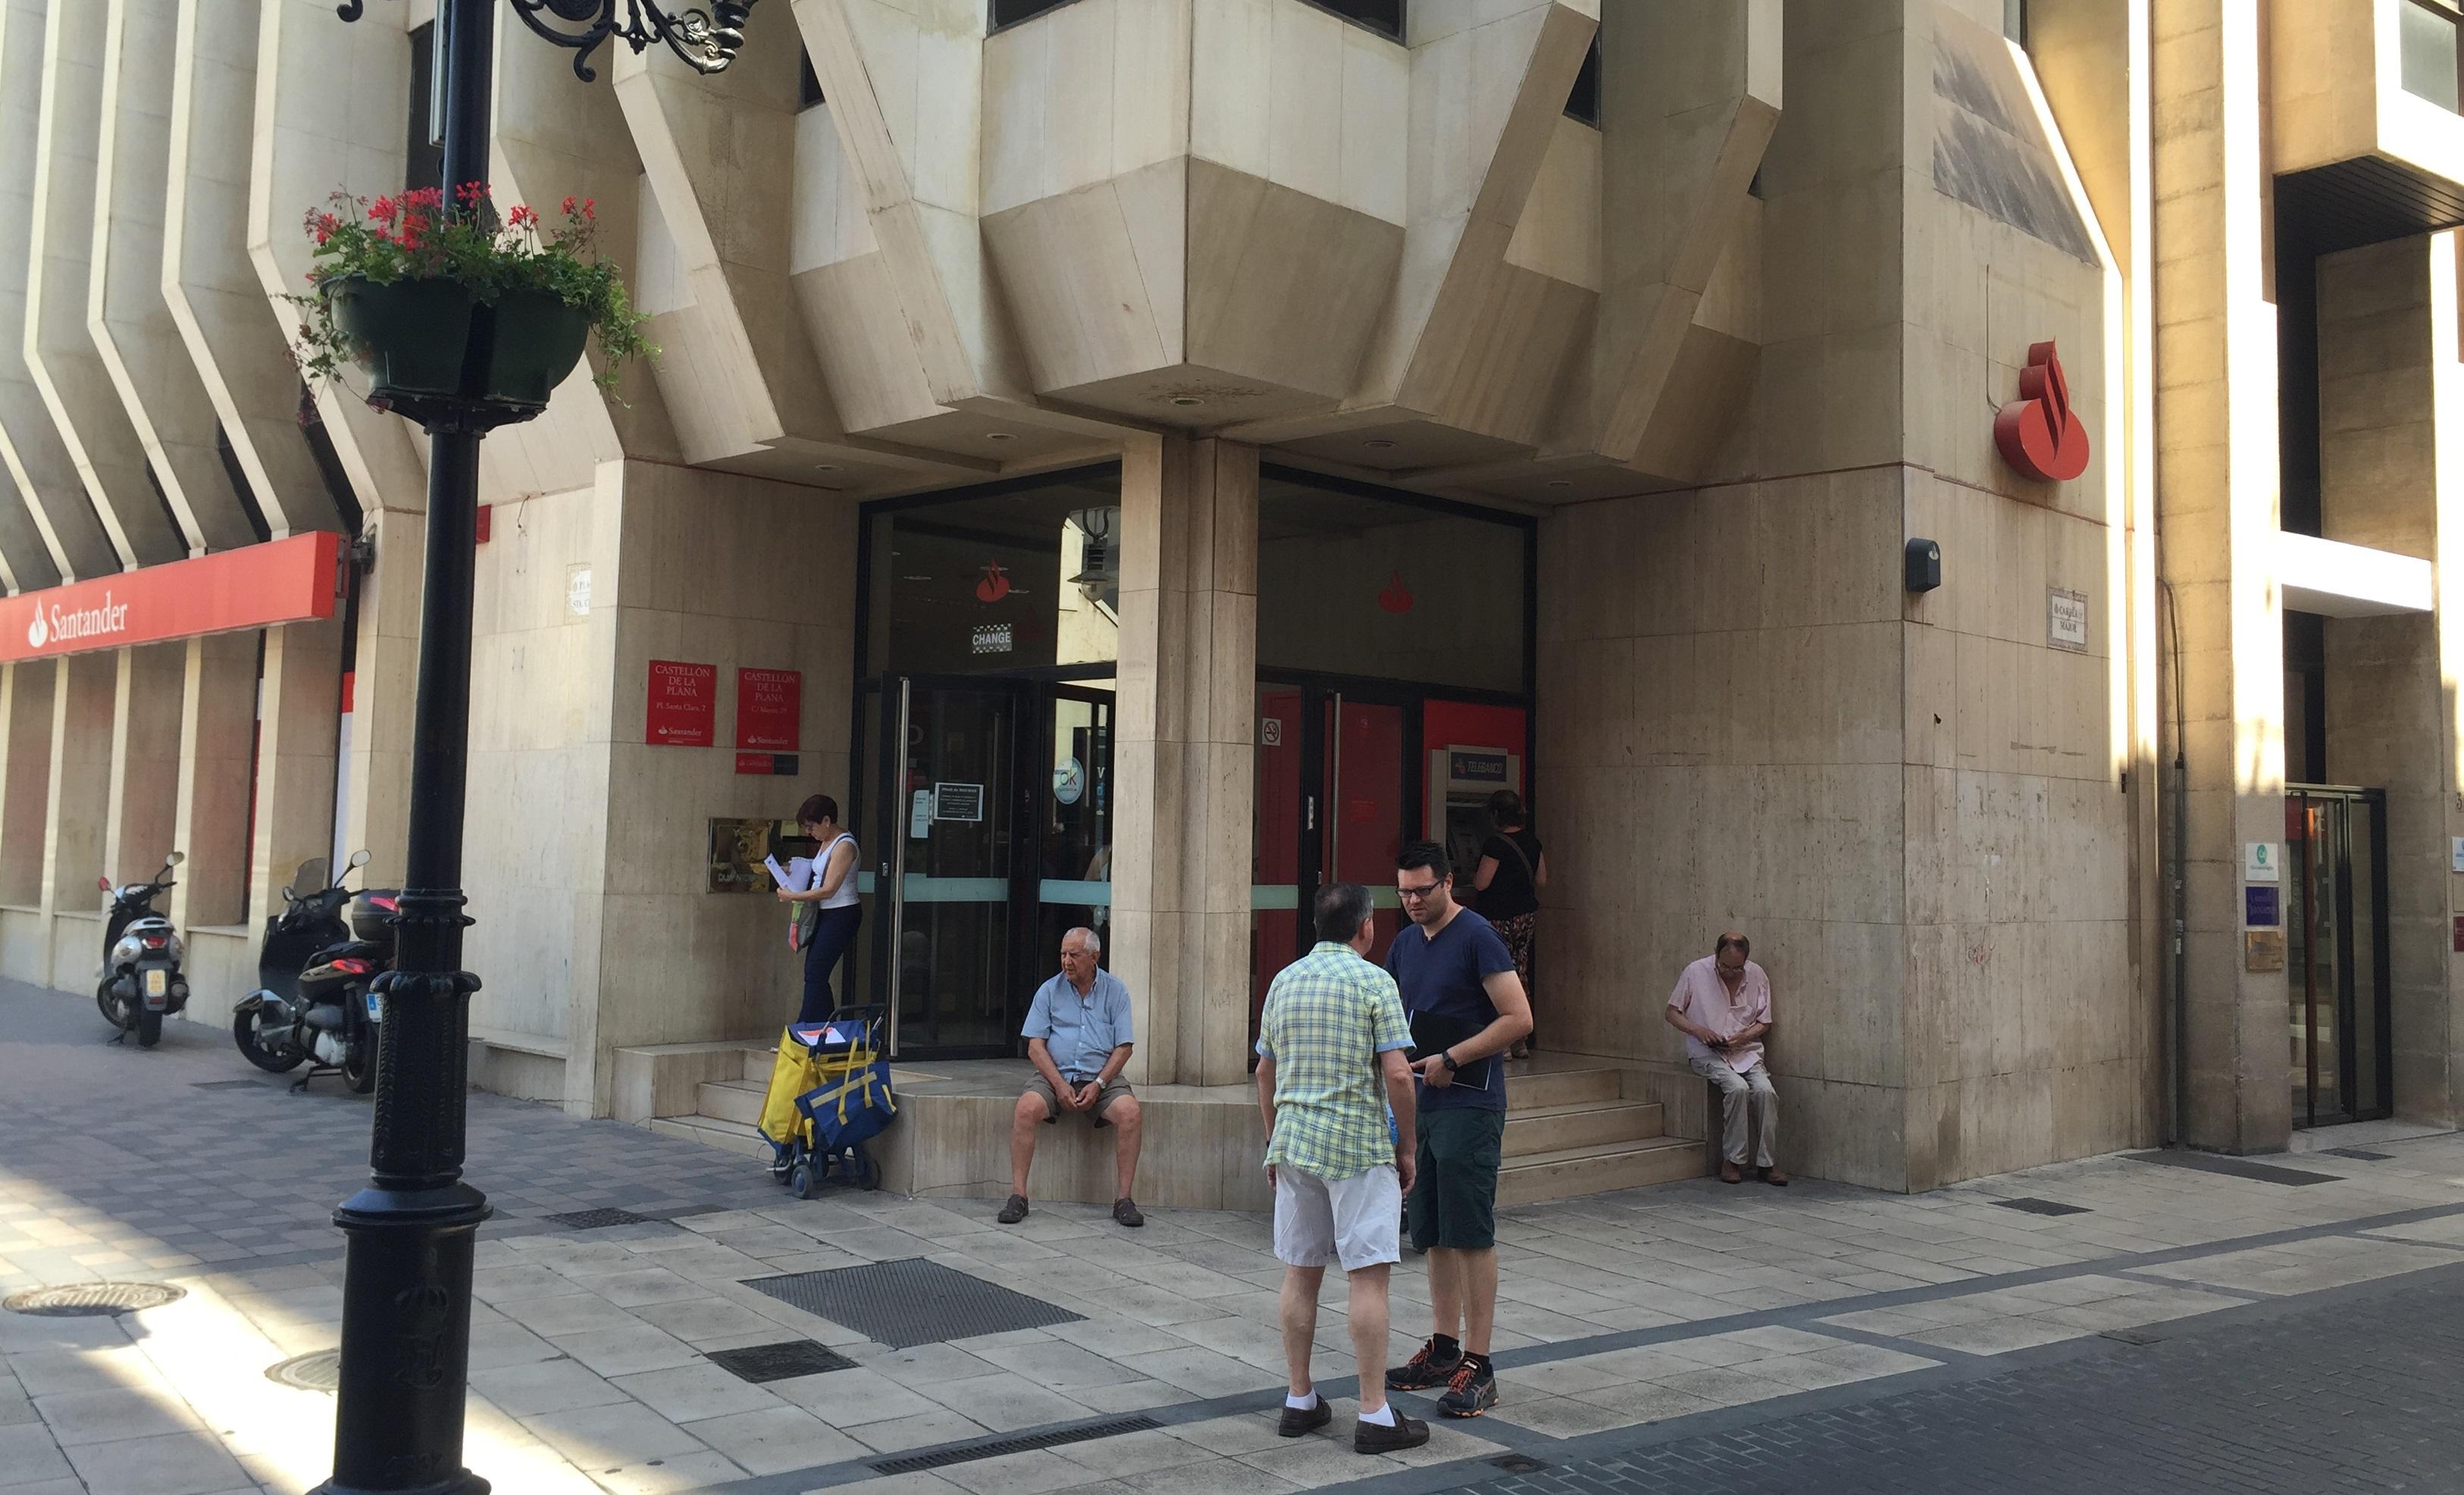 Banca bojuna for Oficina agil bankia